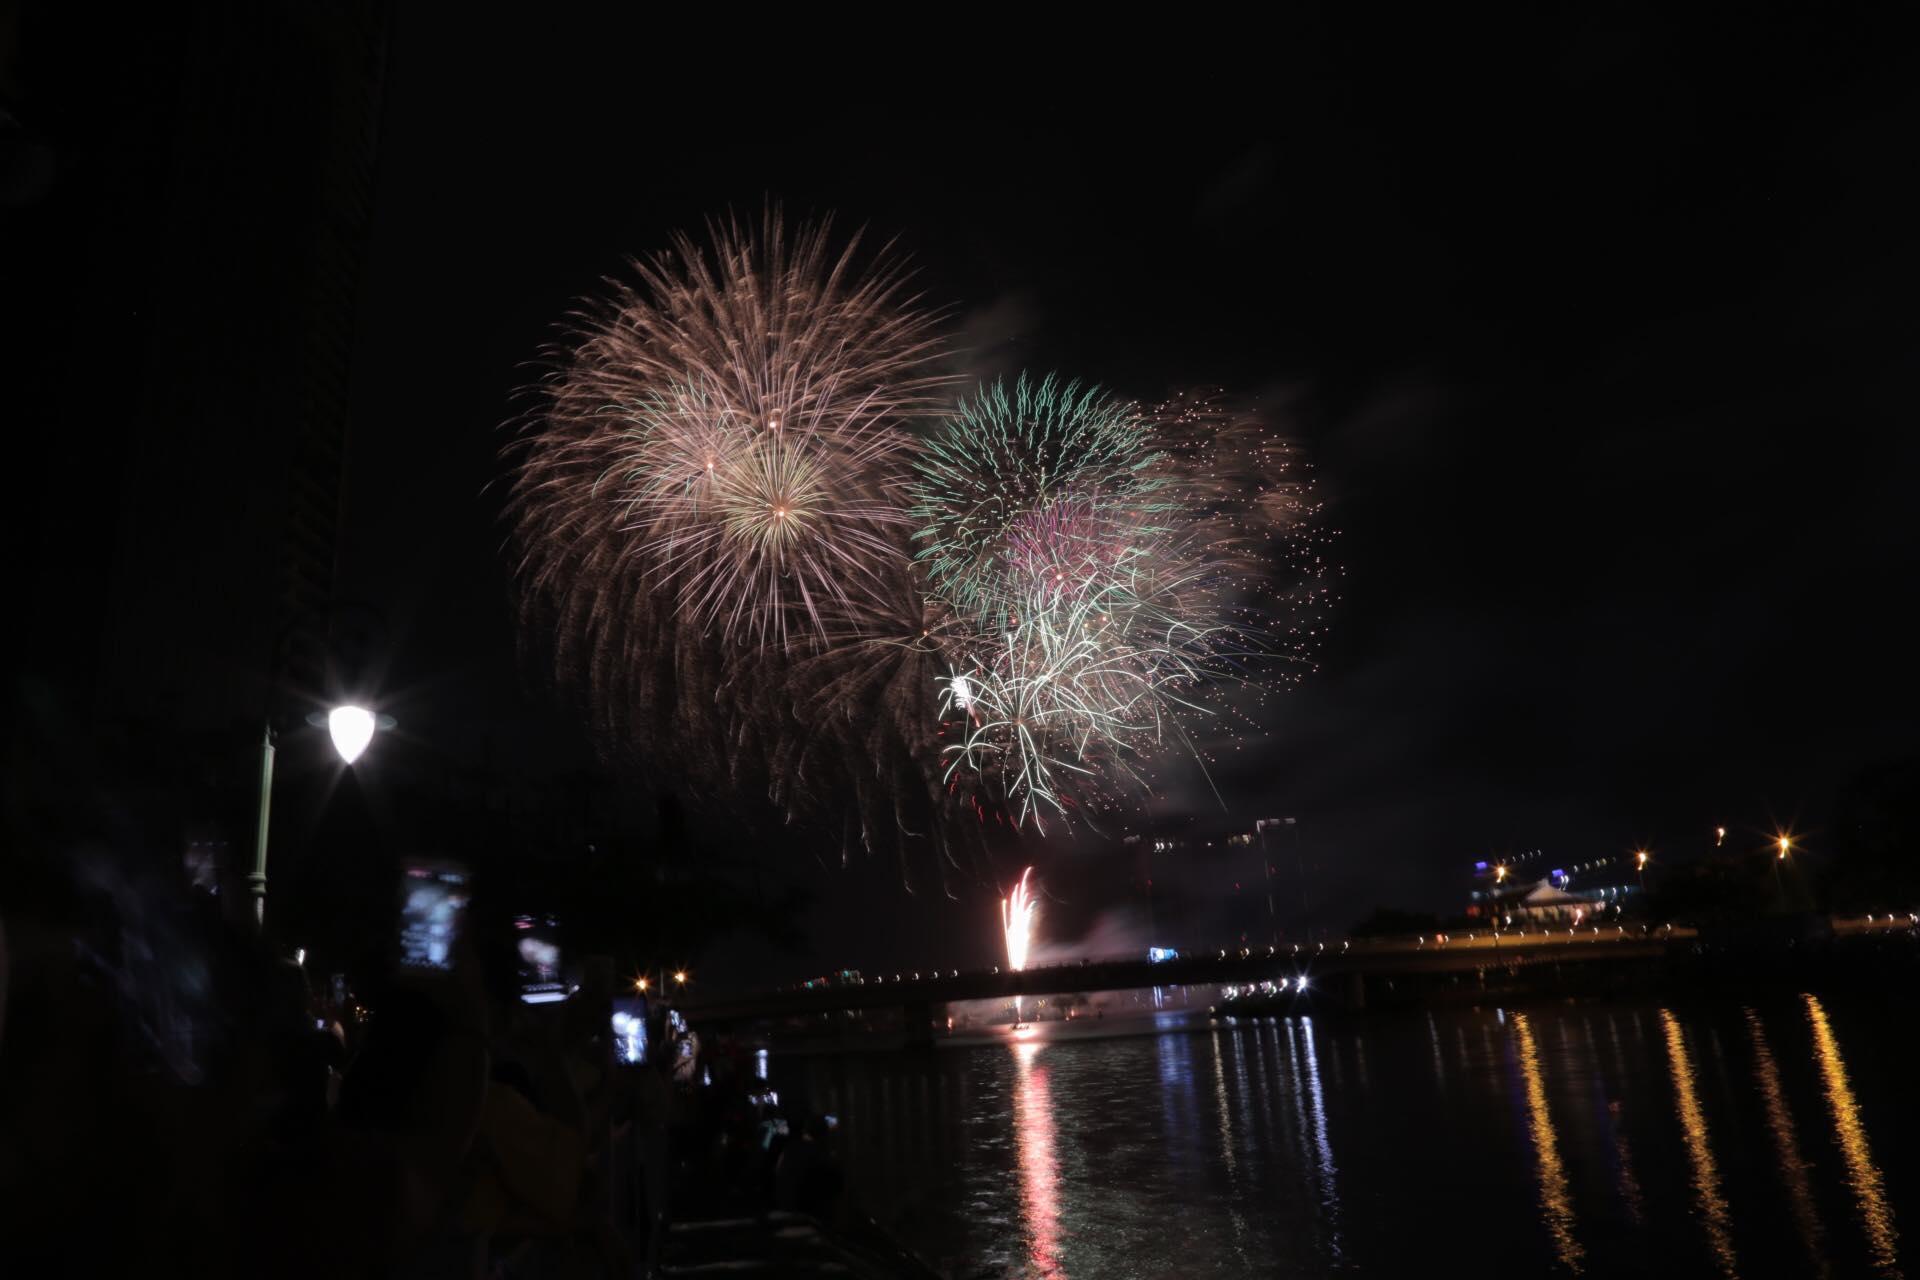 Chùm ảnh: Pháo hoa tuyệt đẹp chào đón năm 2021 - 9